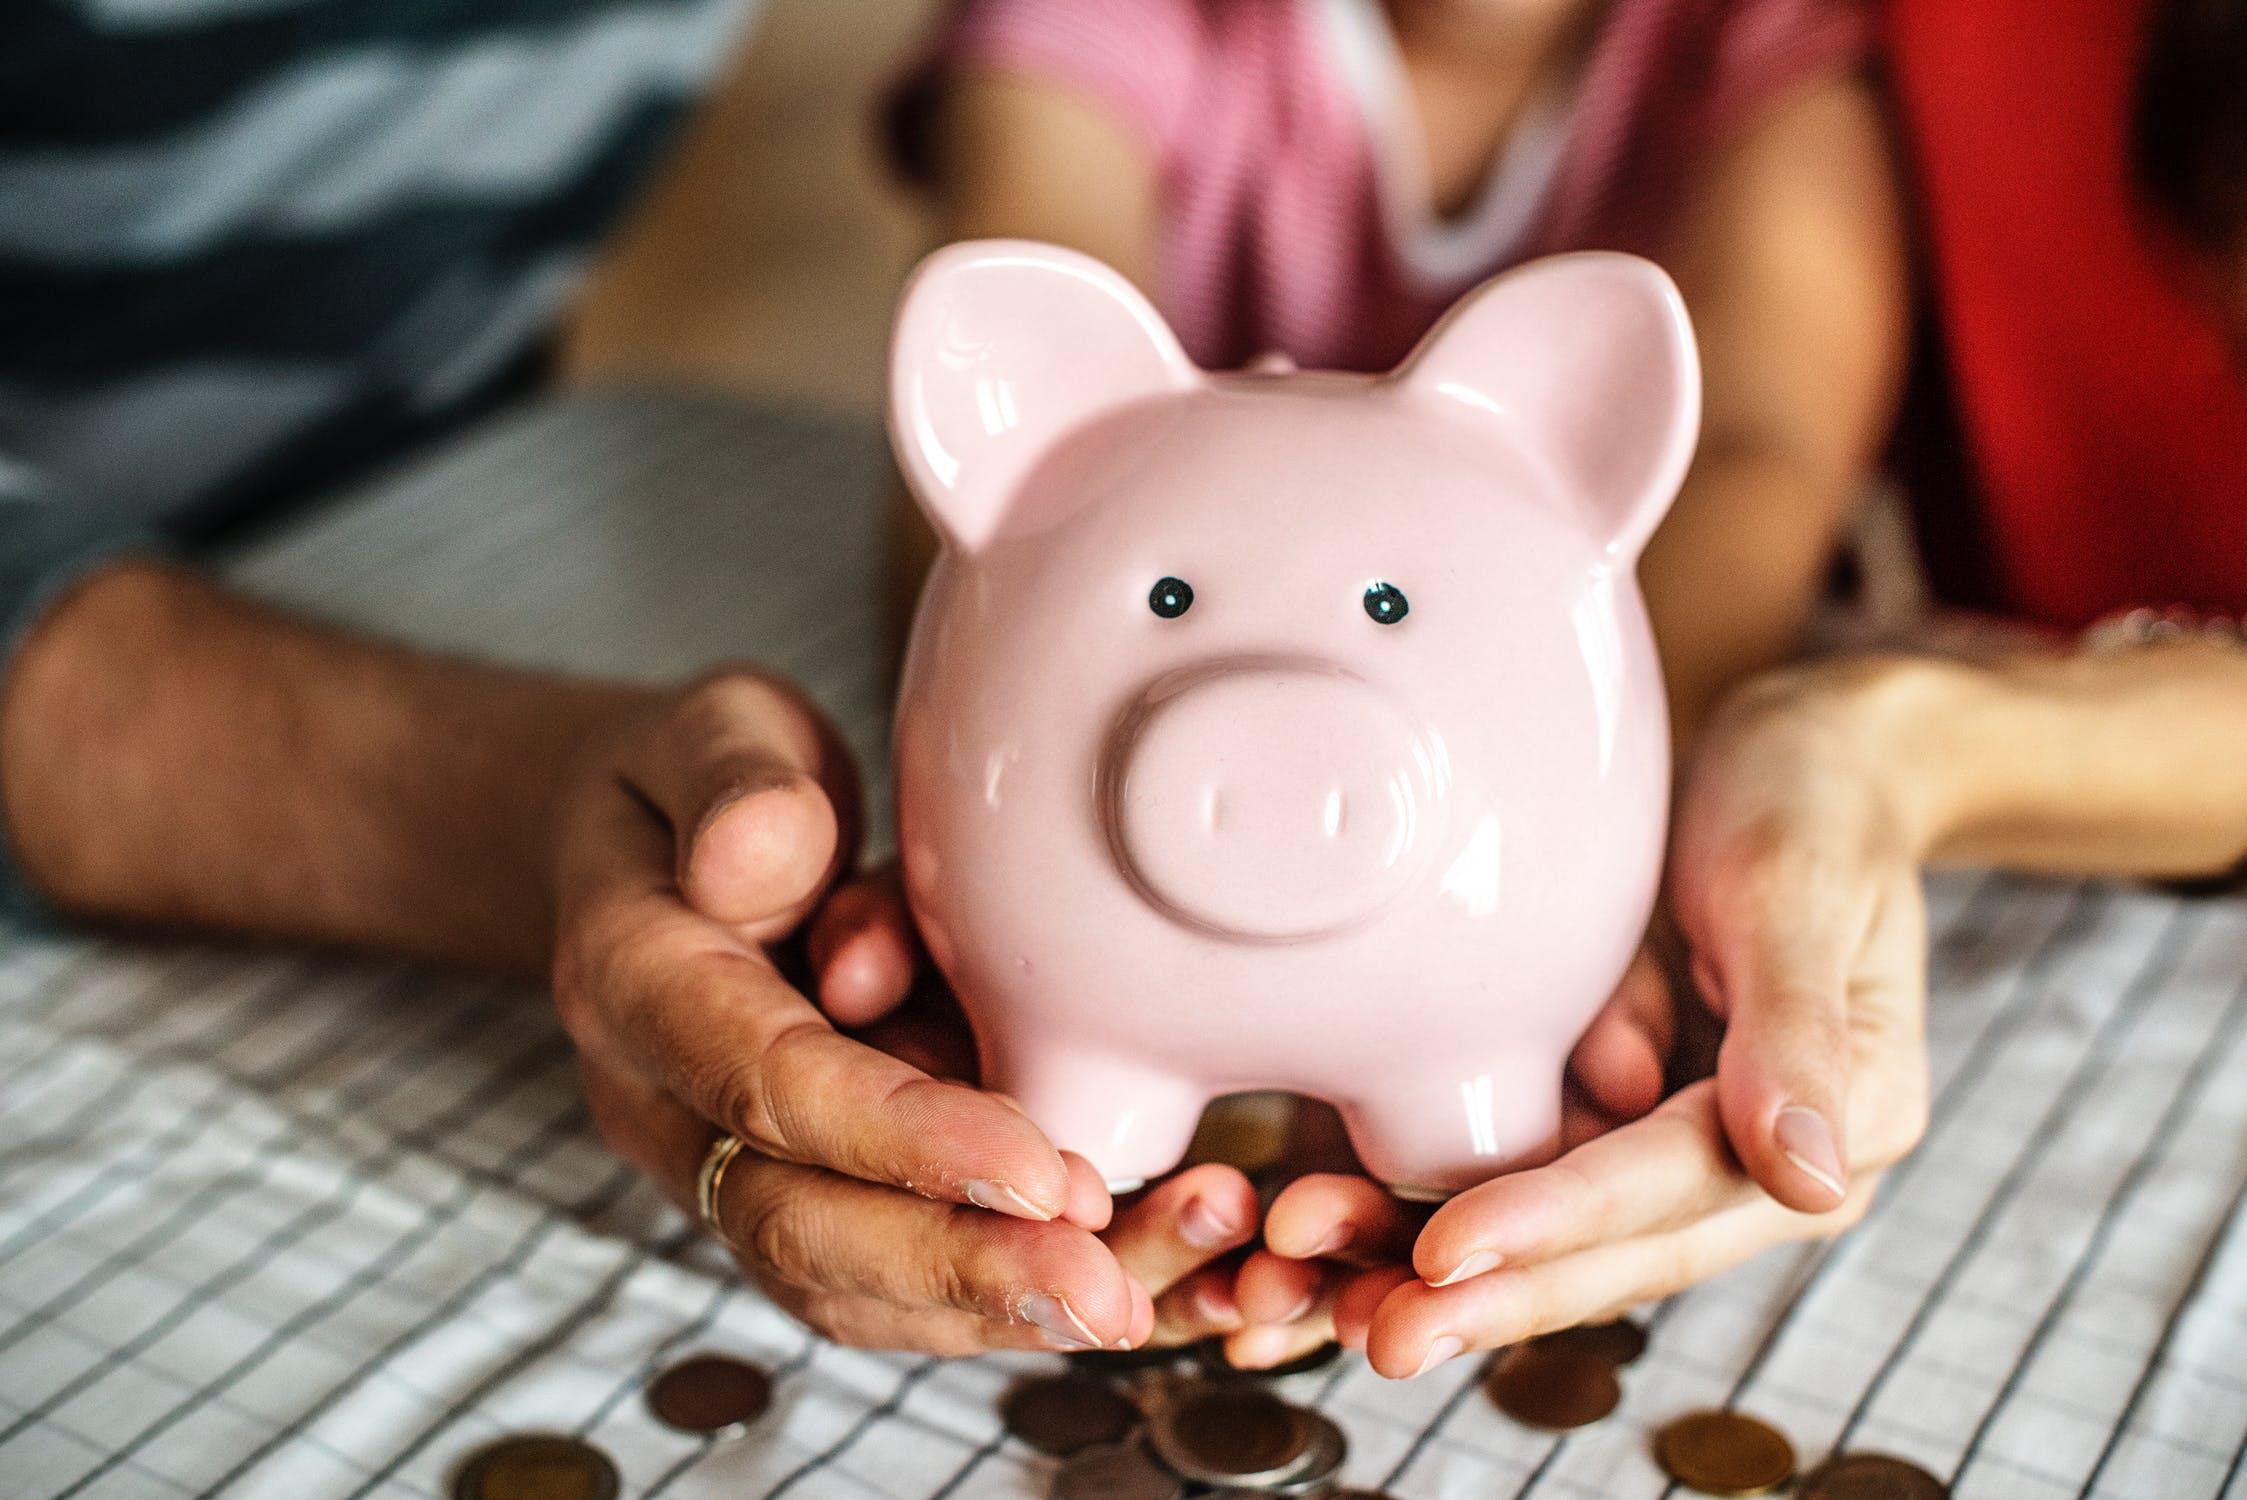 kāpēc vajag pelnīt naudu kā roll opciju